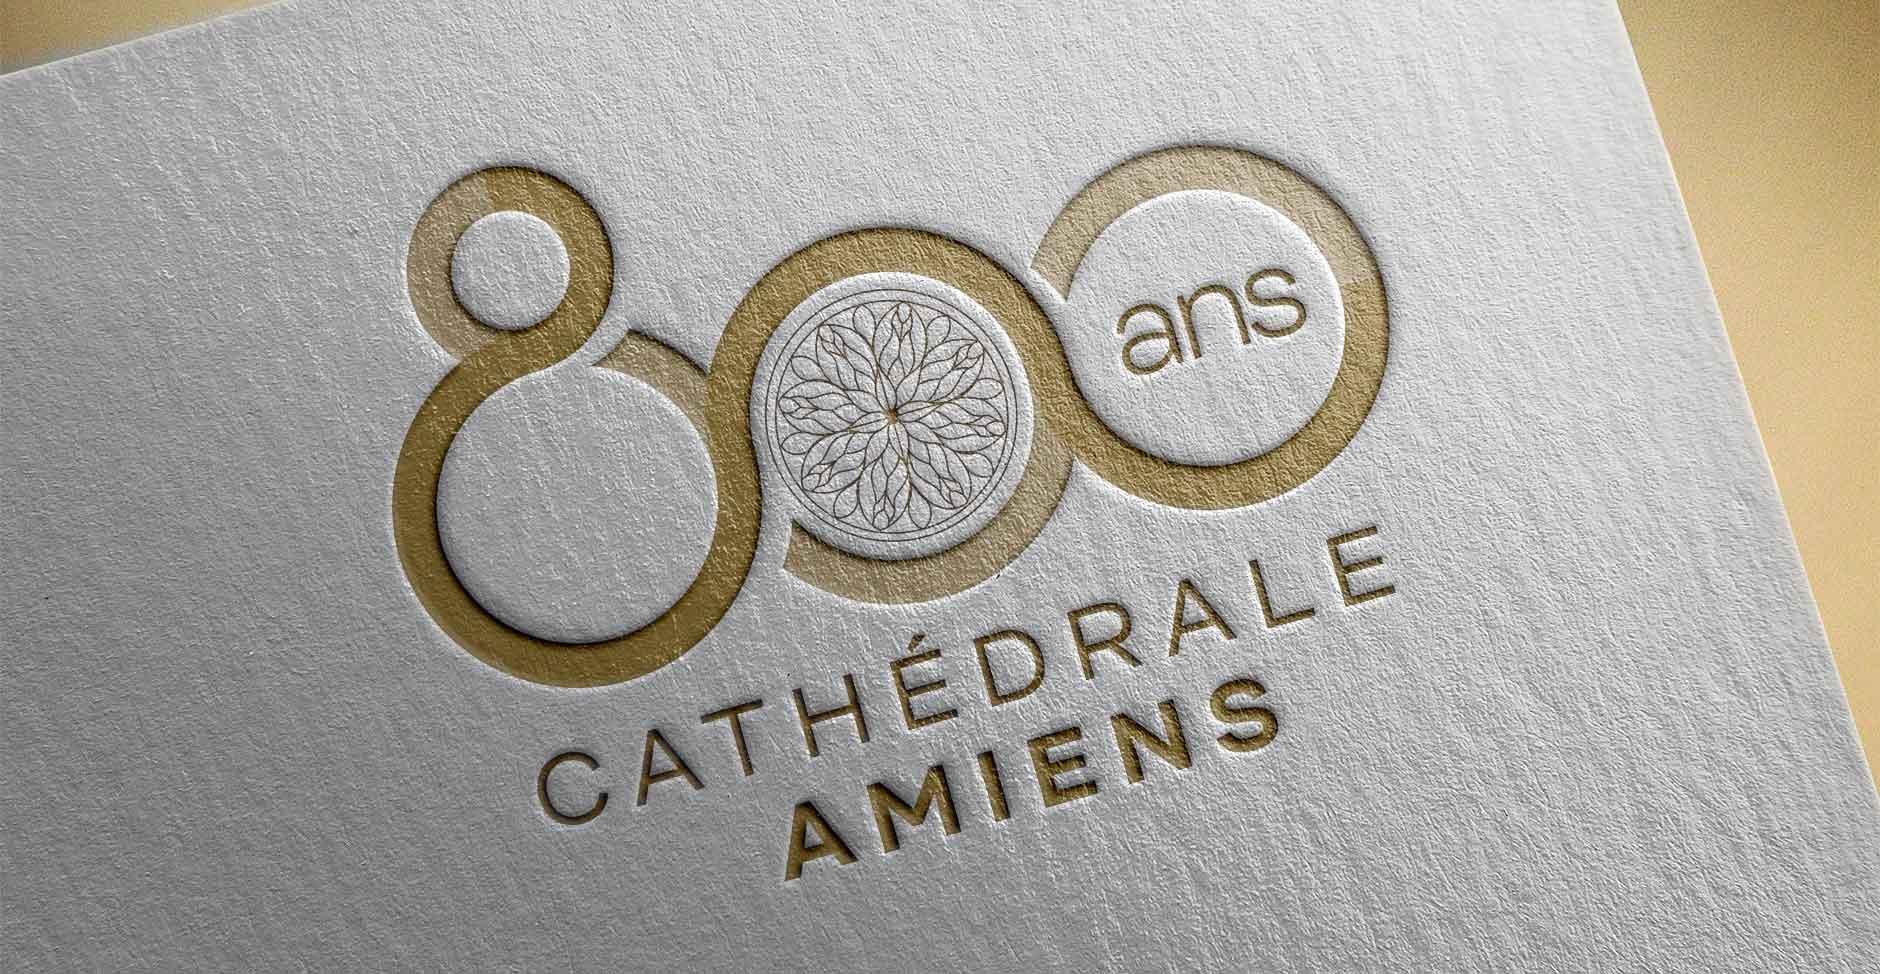 logo 800 ans cathédrale amiens